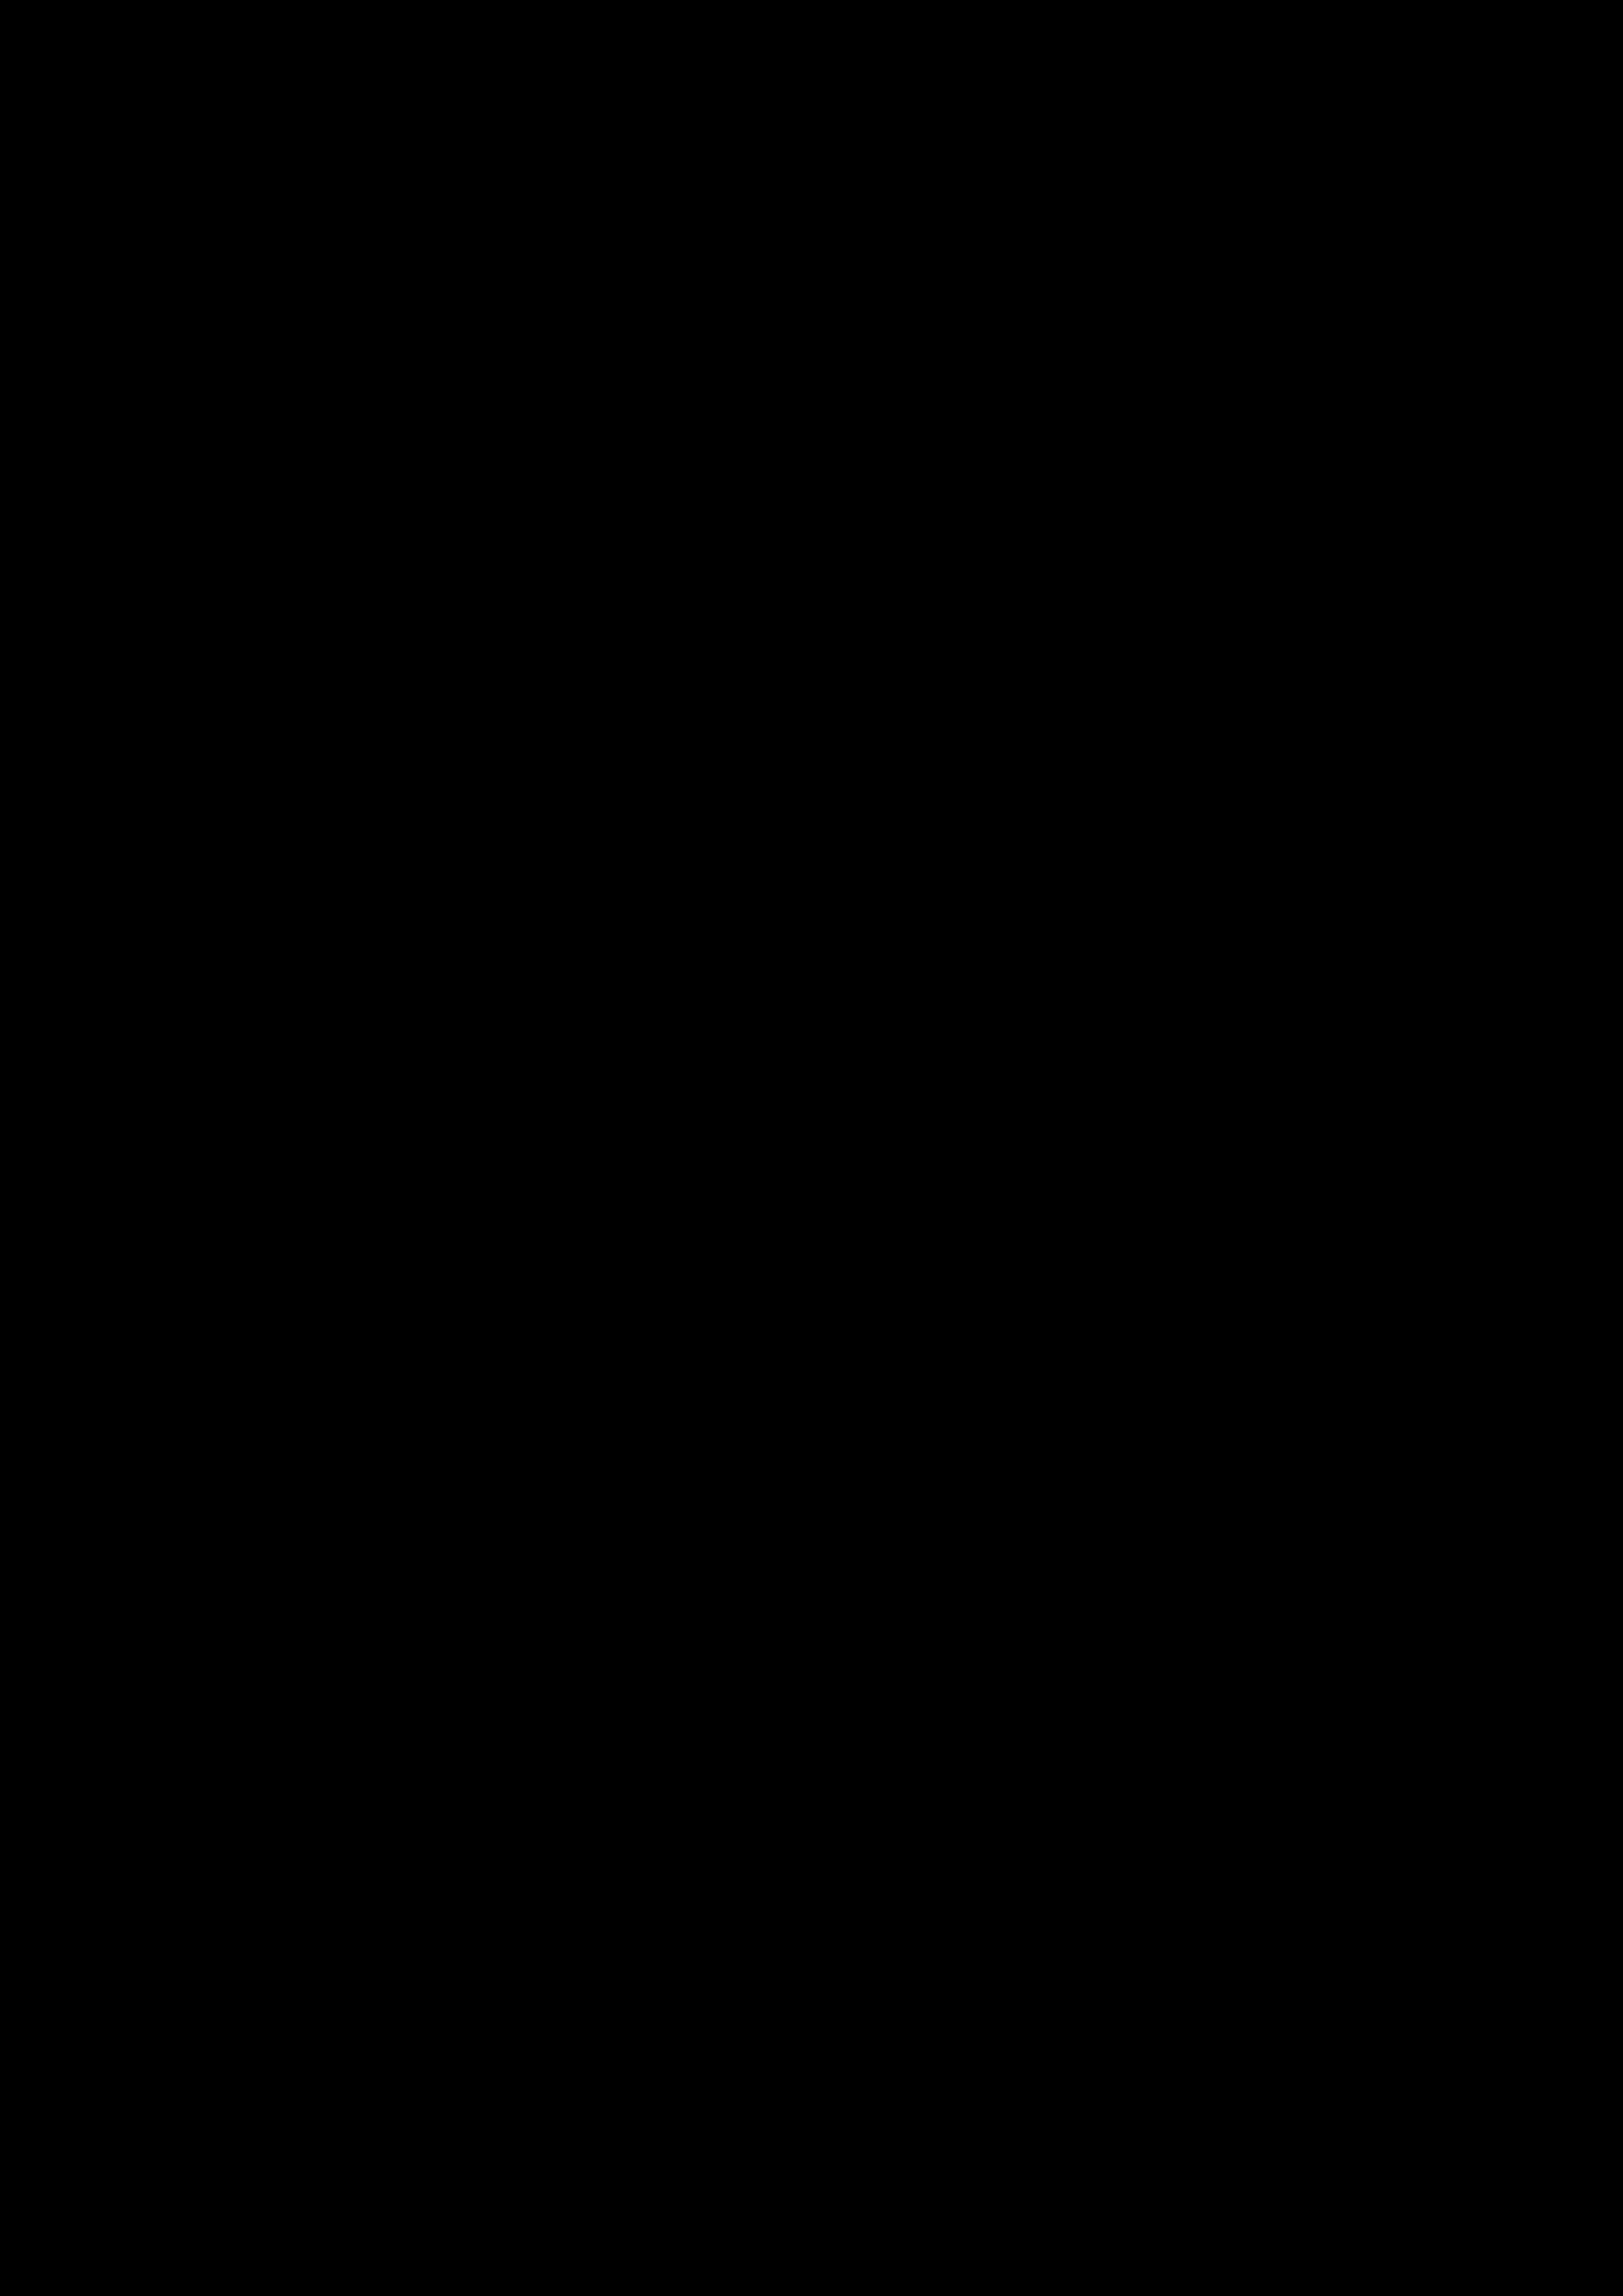 Impreso Declaración Responsable Segunda Ocupación Mutxamel/Muchamiel - Vivienda